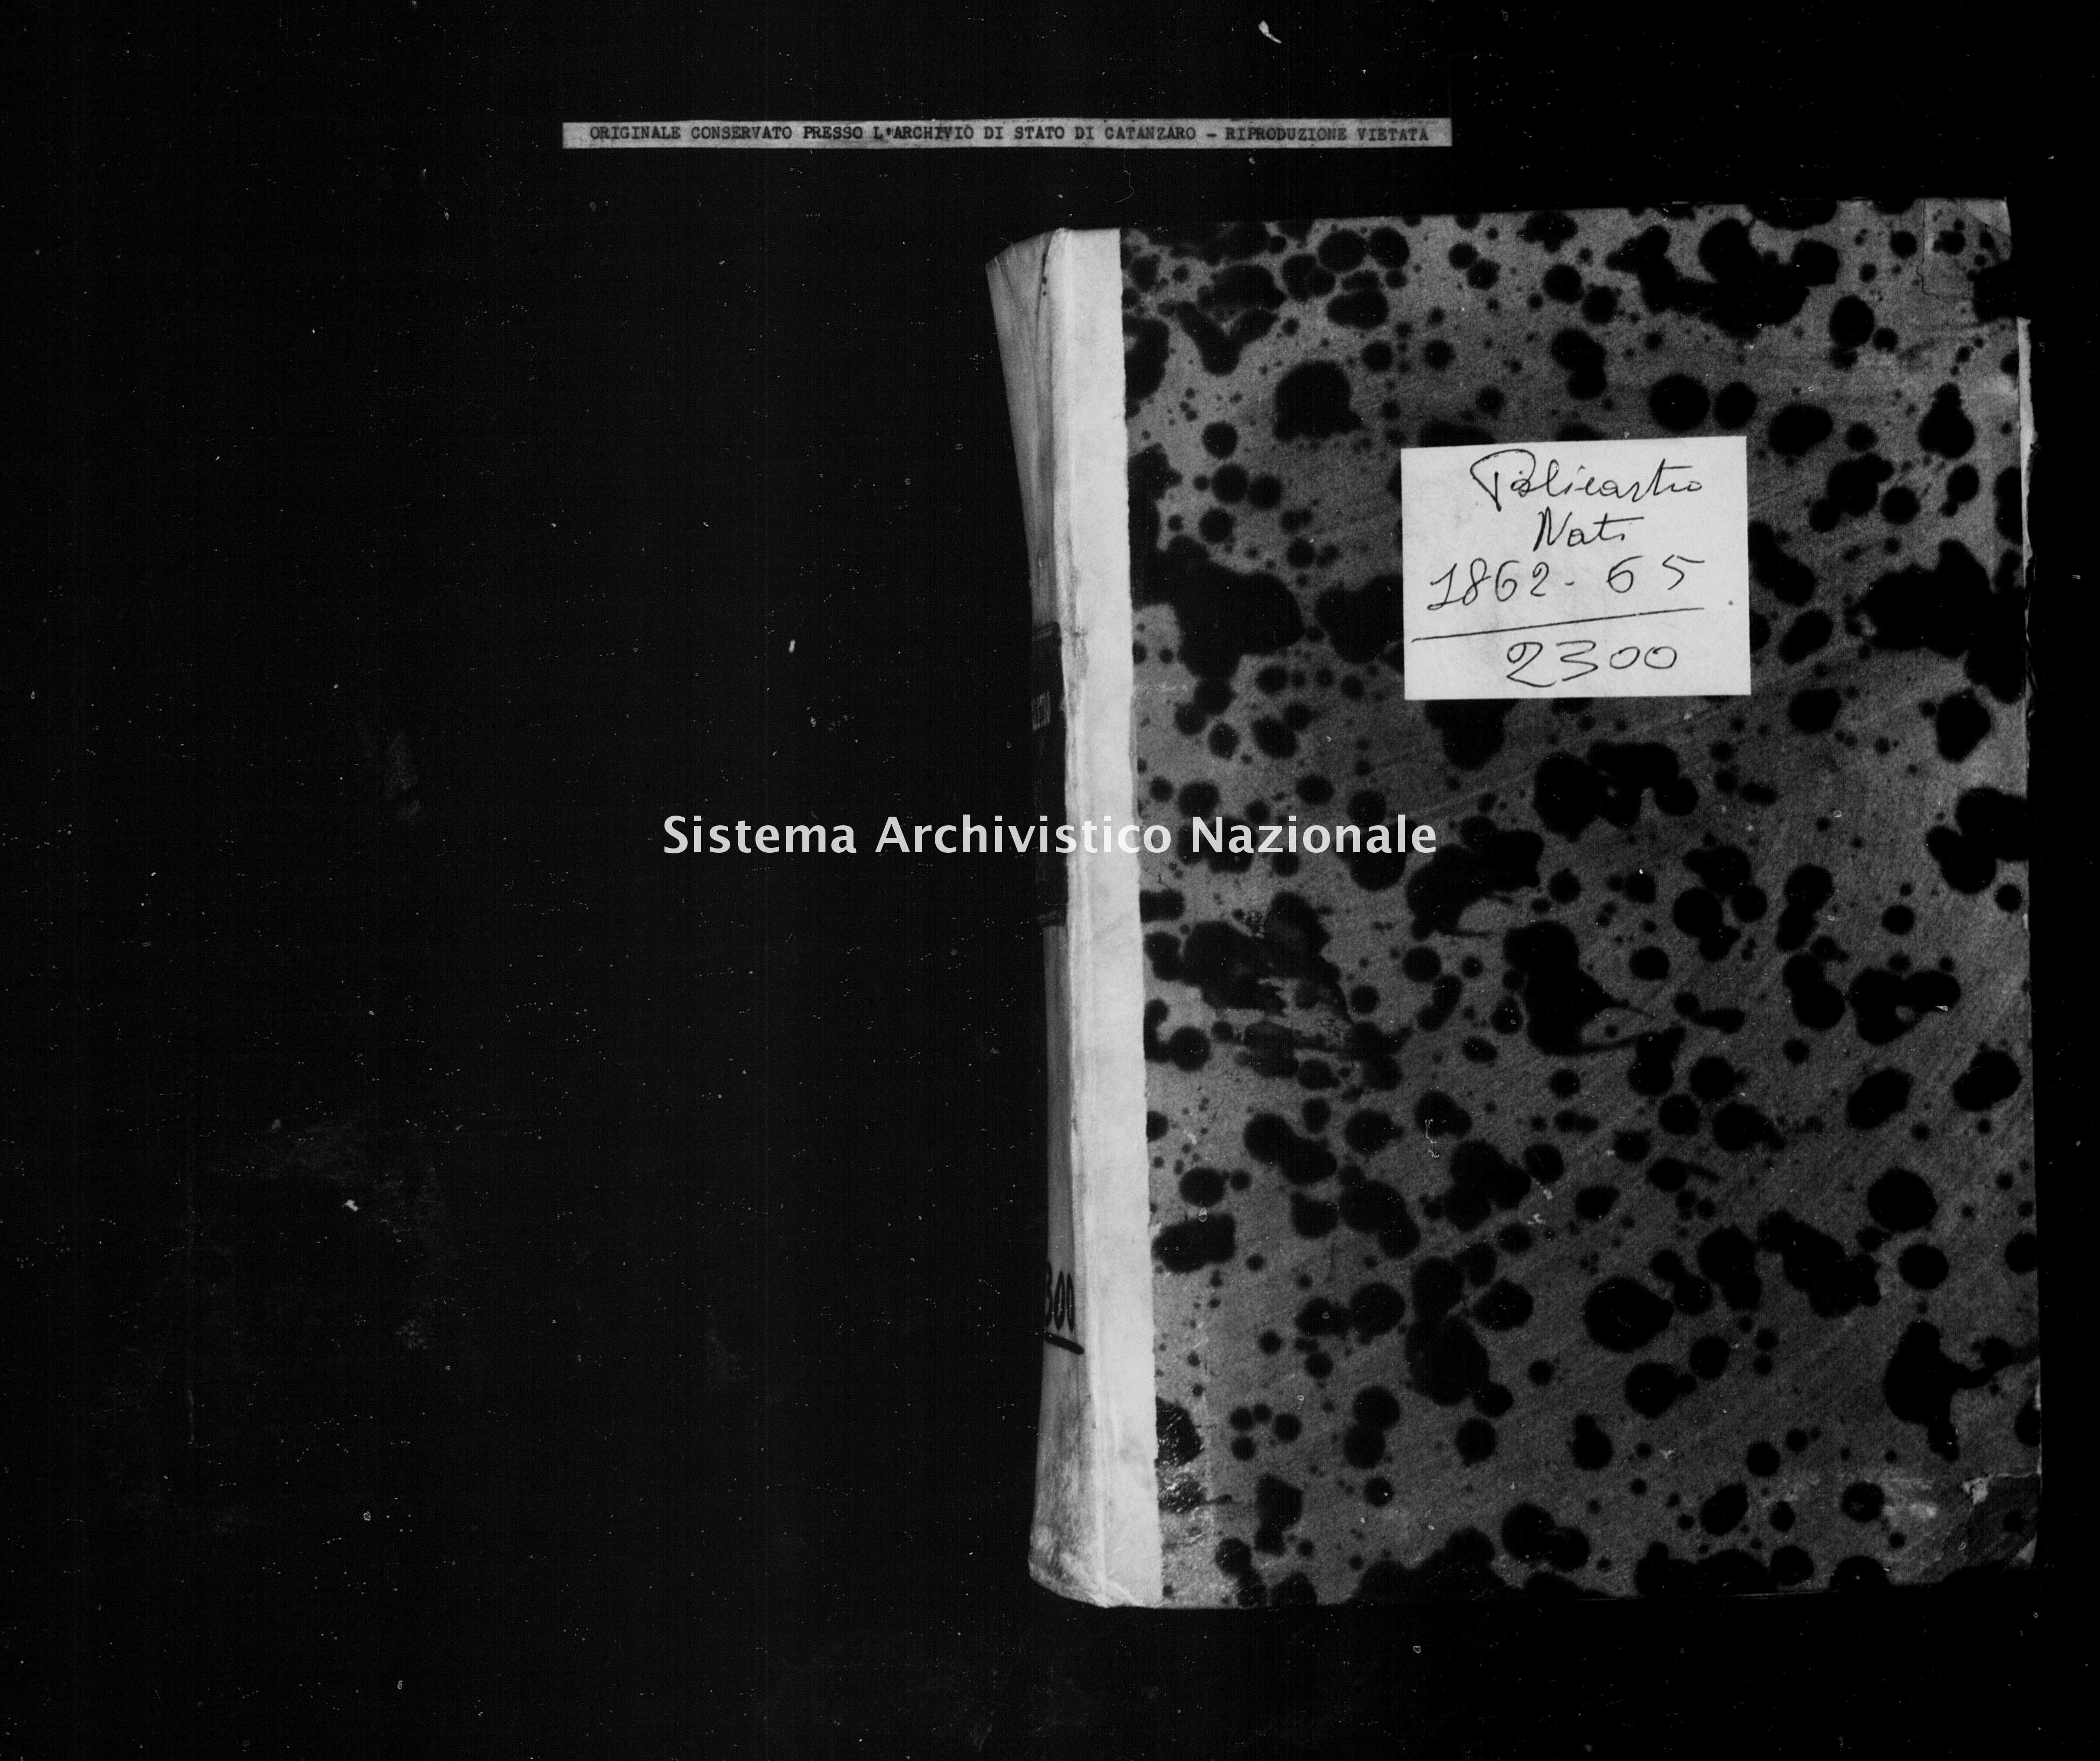 Archivio di stato di Catanzaro - Stato civile italiano - Petilia Policastro - Nati - 1862 - 2300 -